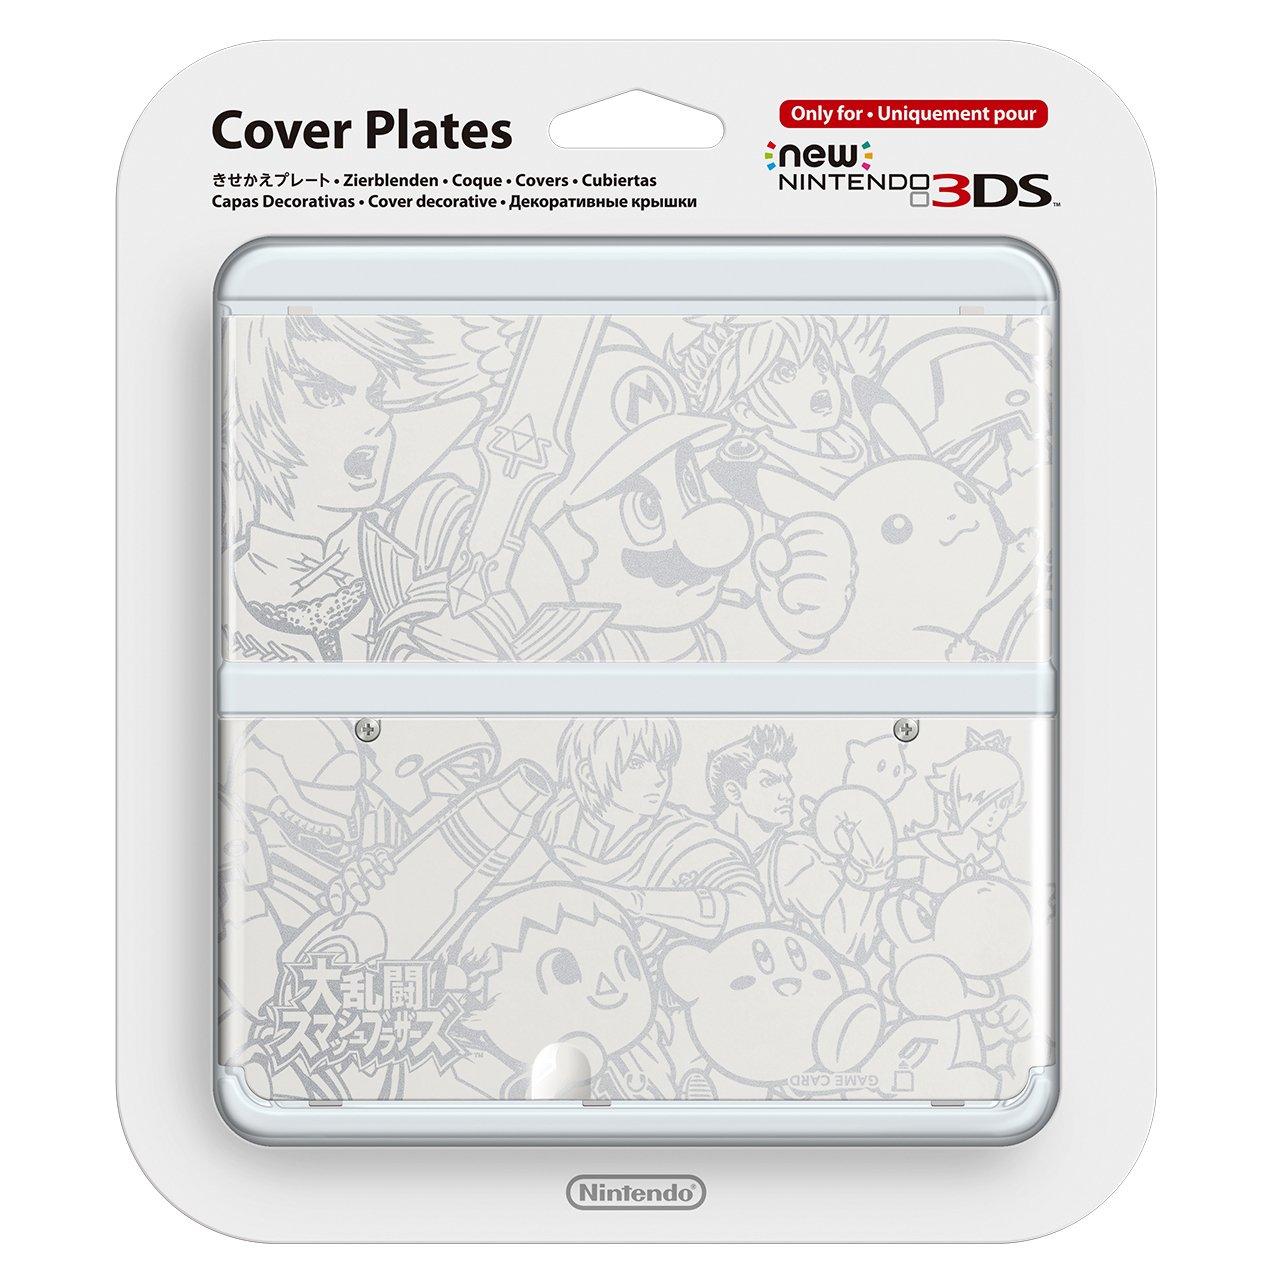 Cover Plates No.039 Smash Bros. (new Nintendo 3DS)